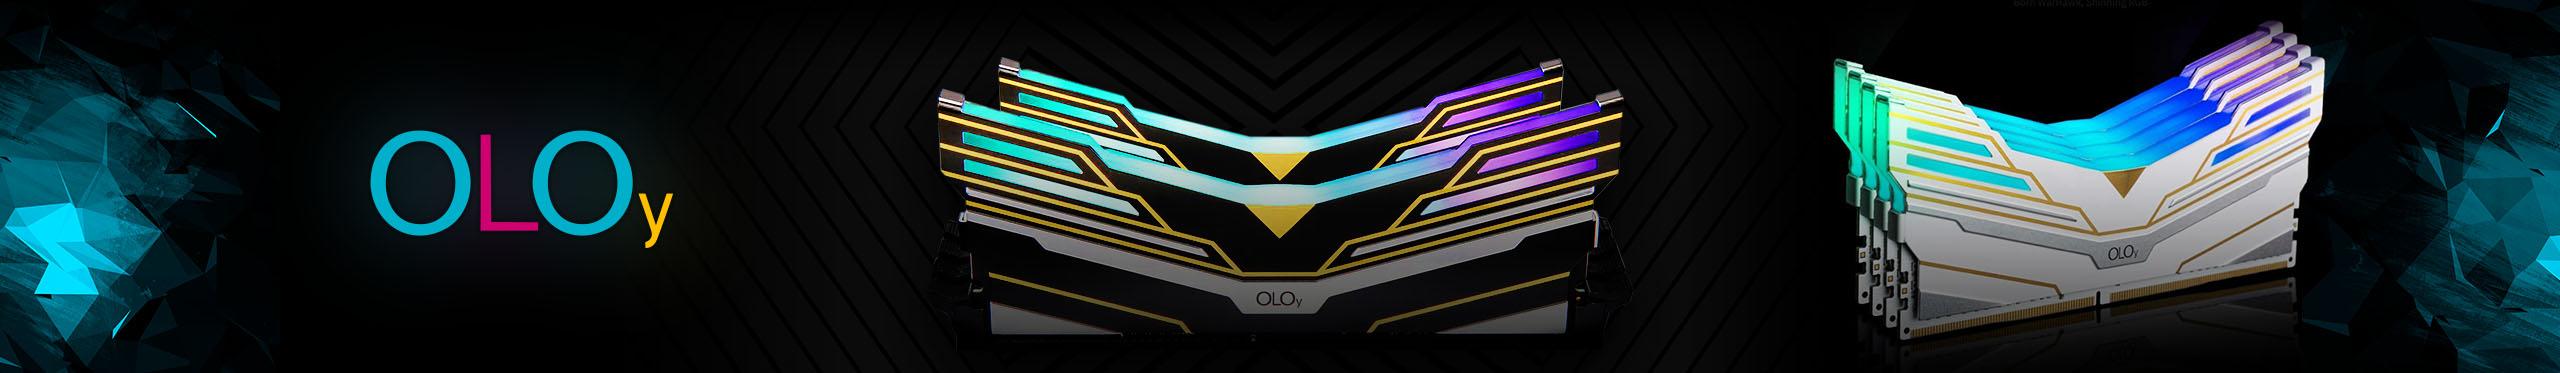 Memórias OLOy - Design inovador - Confira!